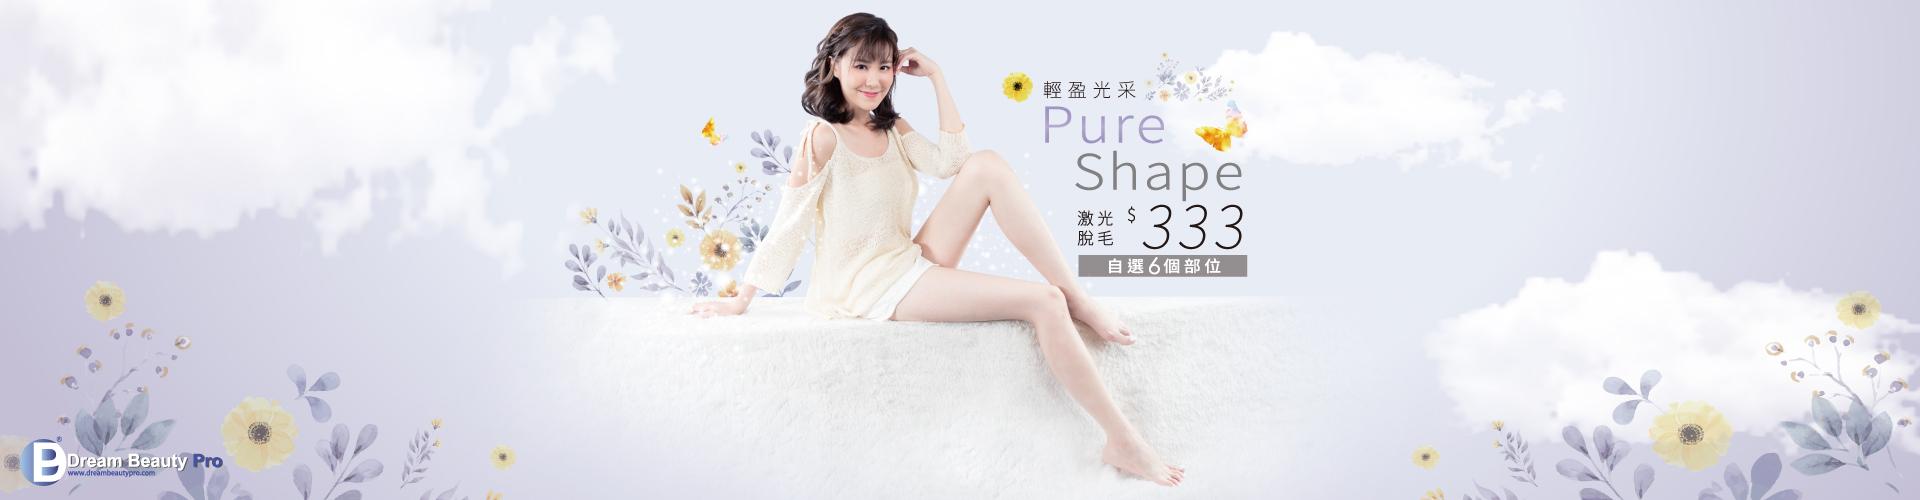 $333 輕盈光采Pure Shape